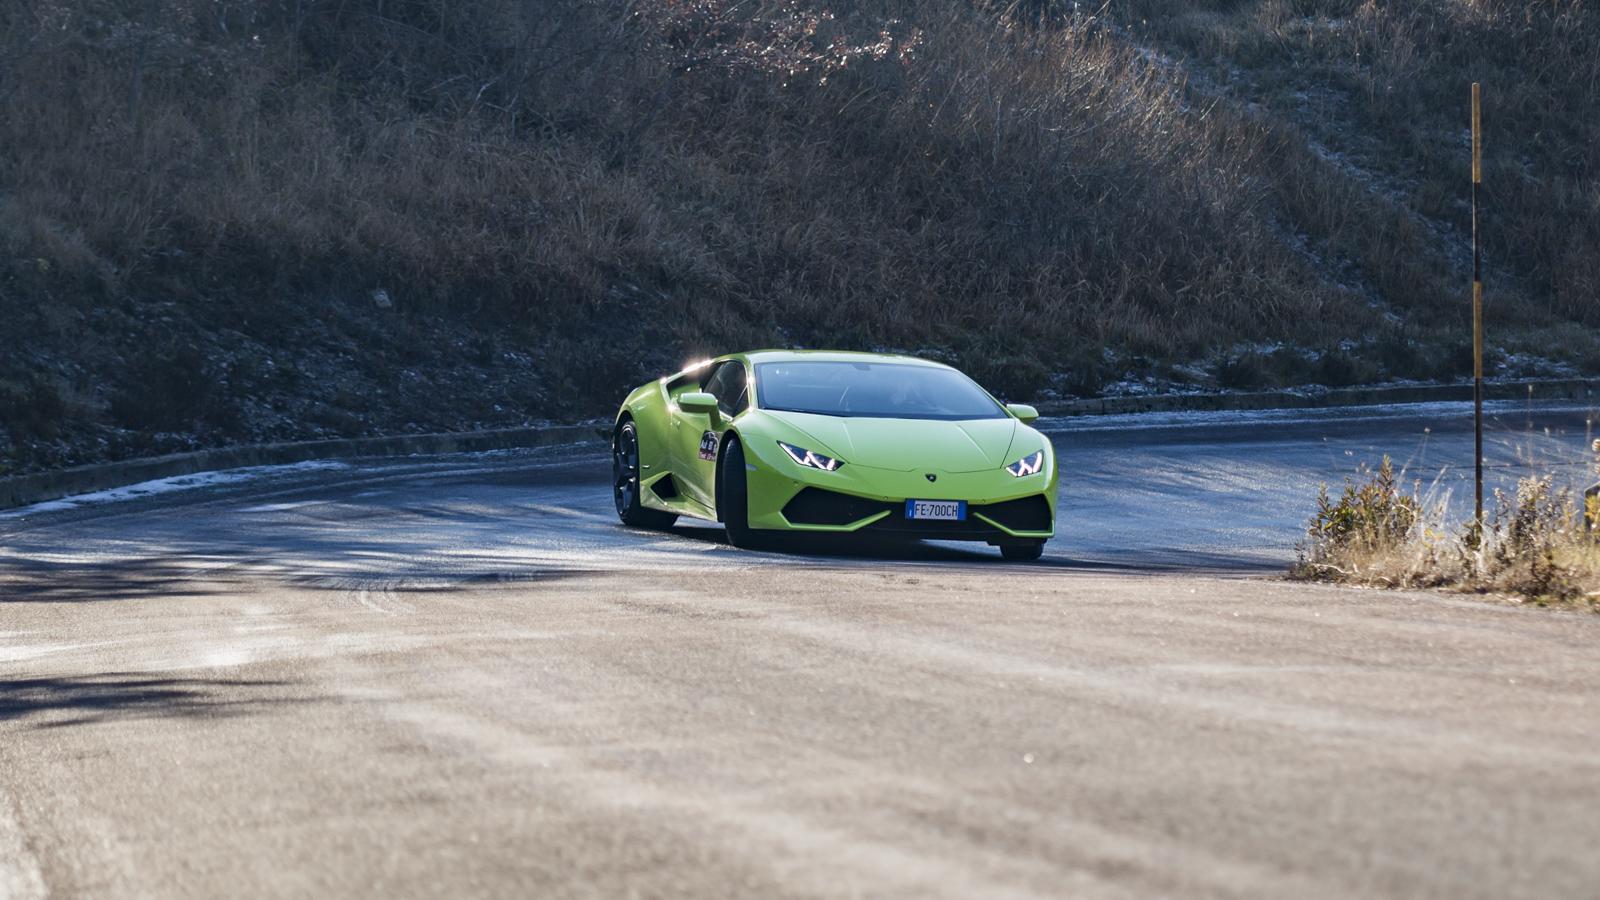 Test_Drive_Lamborghini_Huracan_LP610-4_41